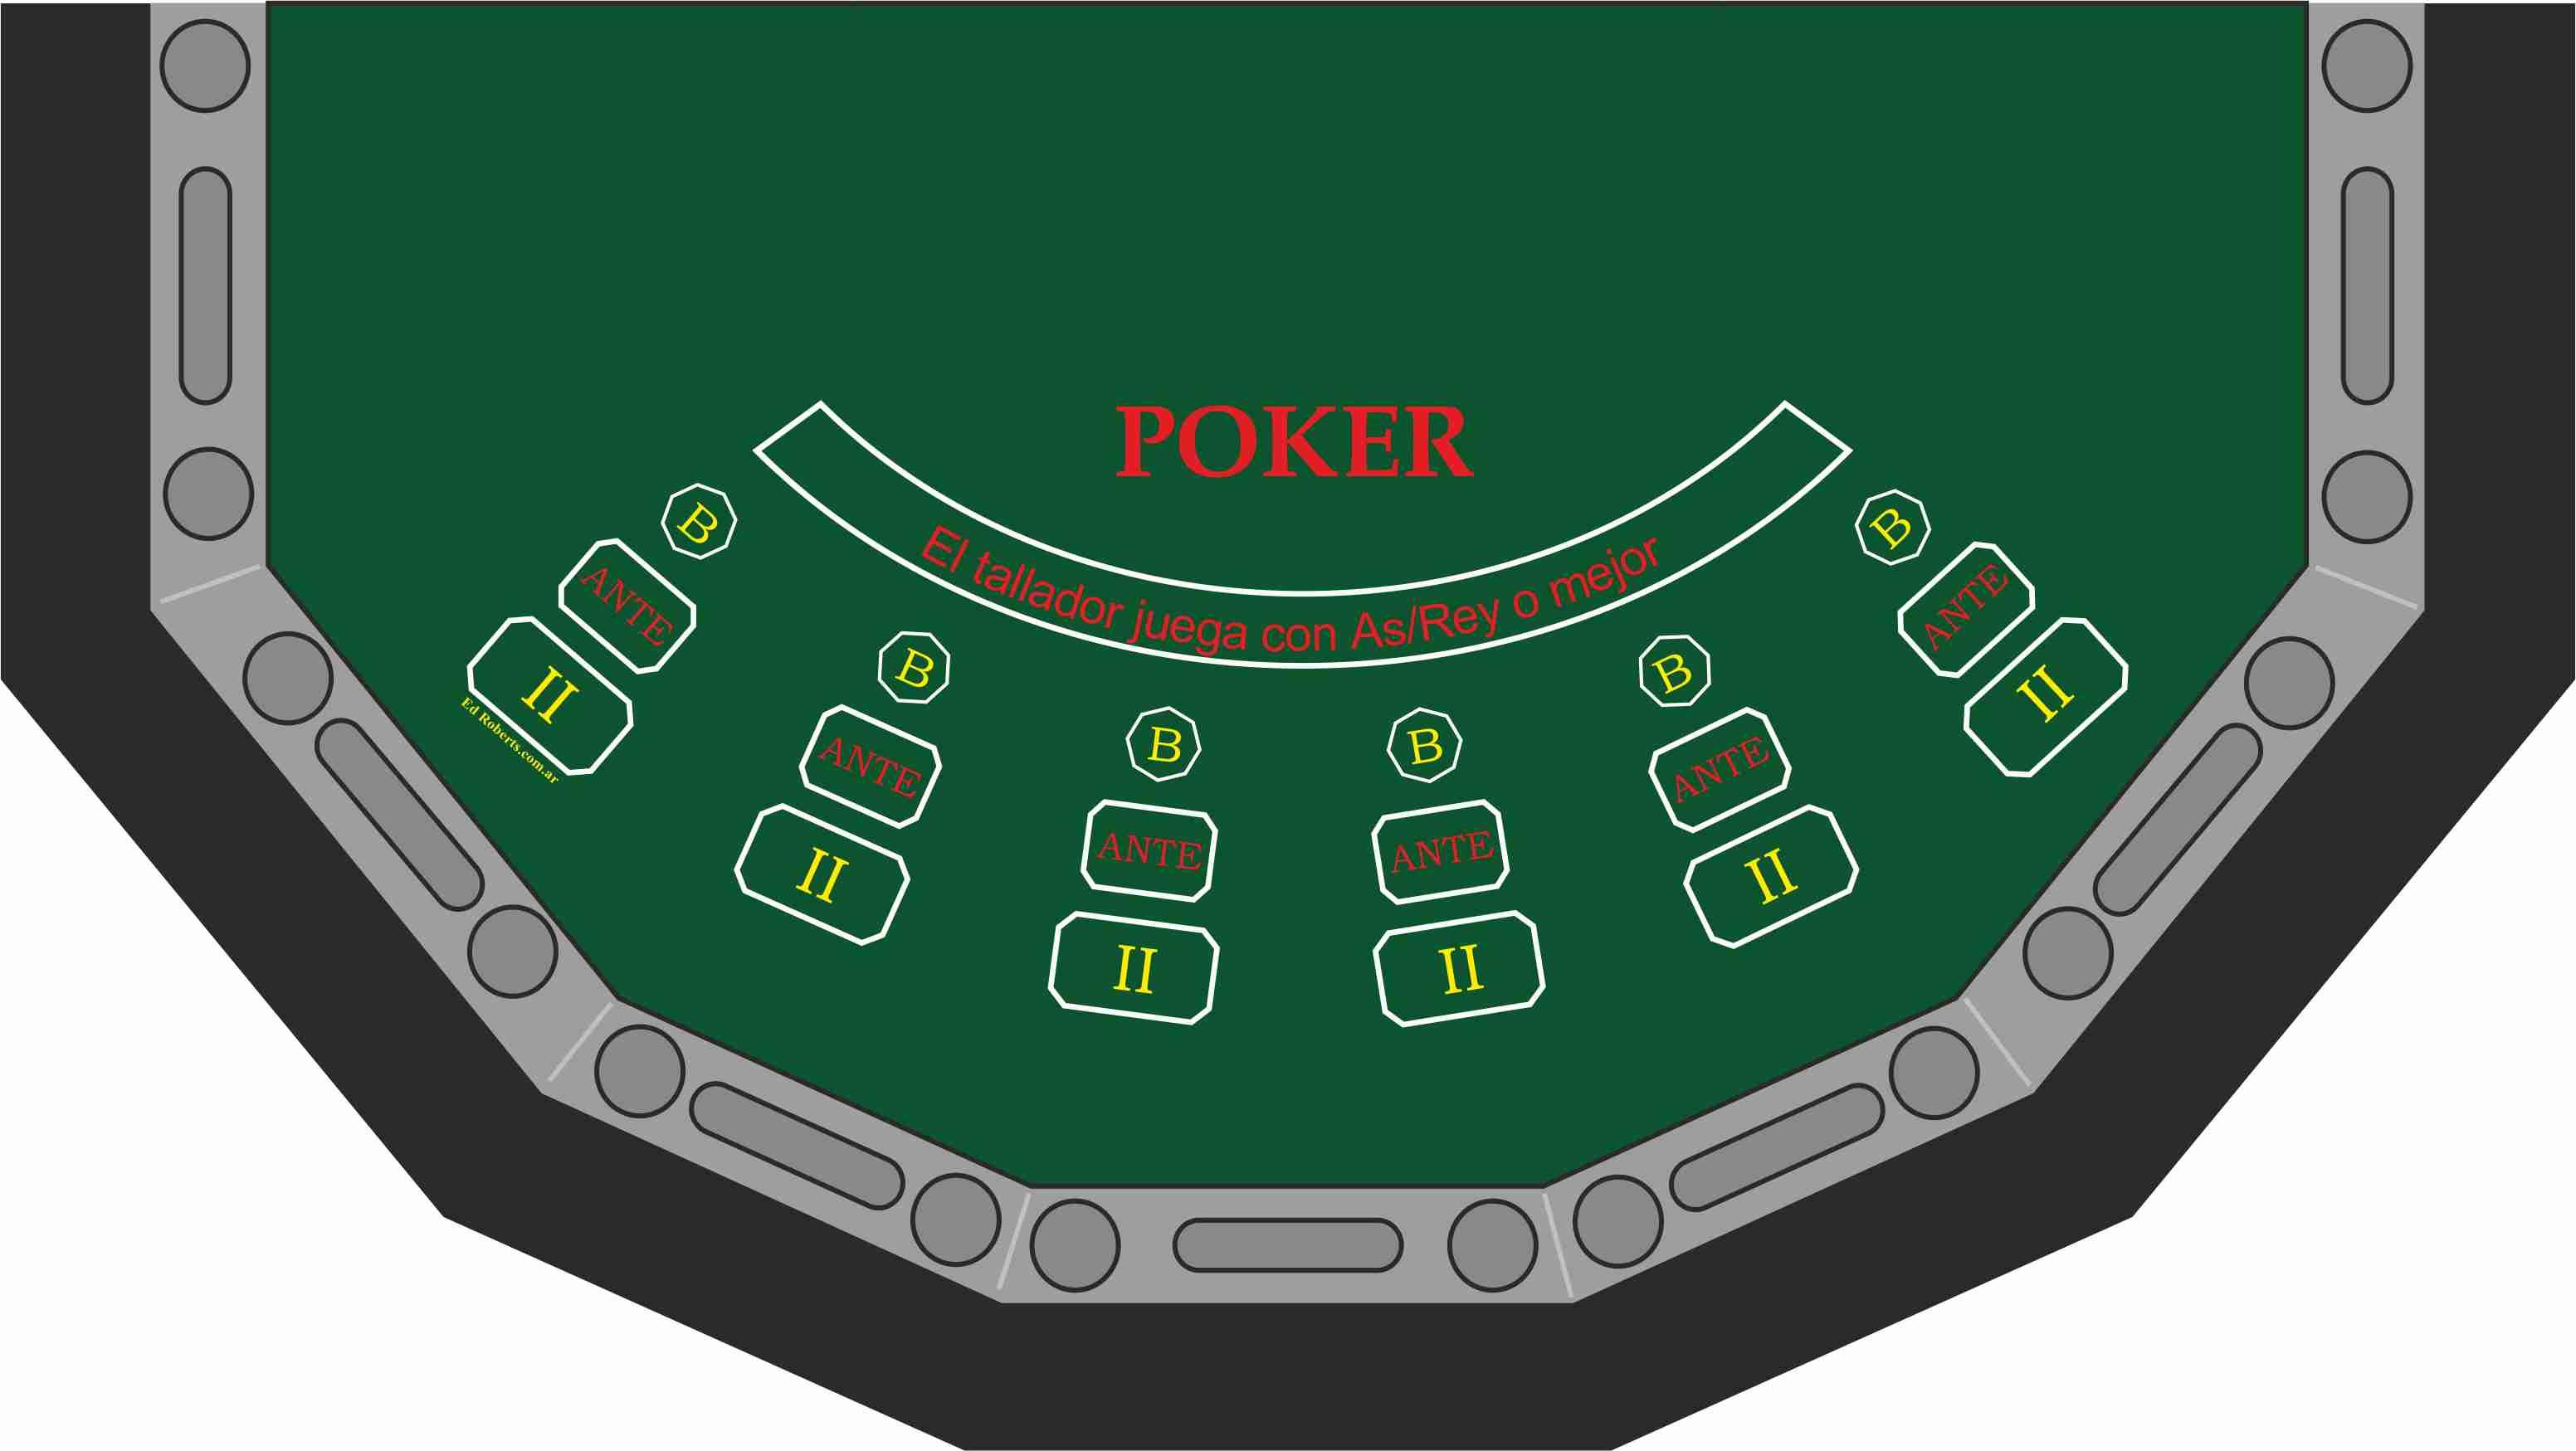 Poker 6 jugadores